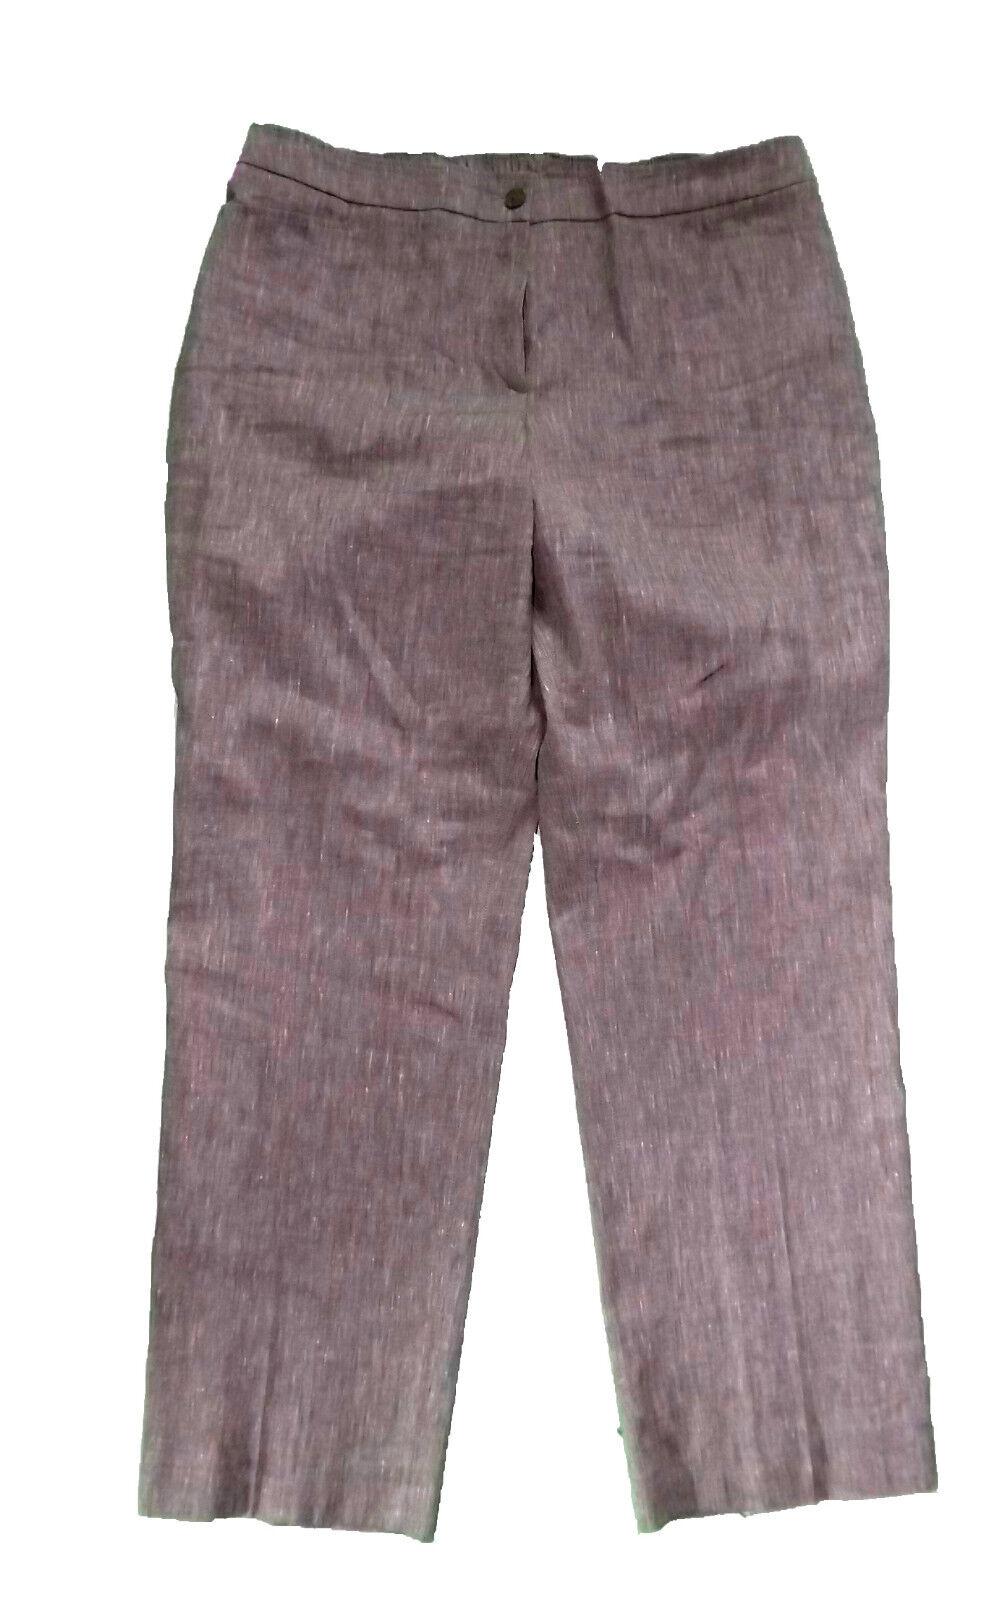 ulla popken  pantalon  Größe 46  élégant pantalon businesshose  braun coupe droite jambe